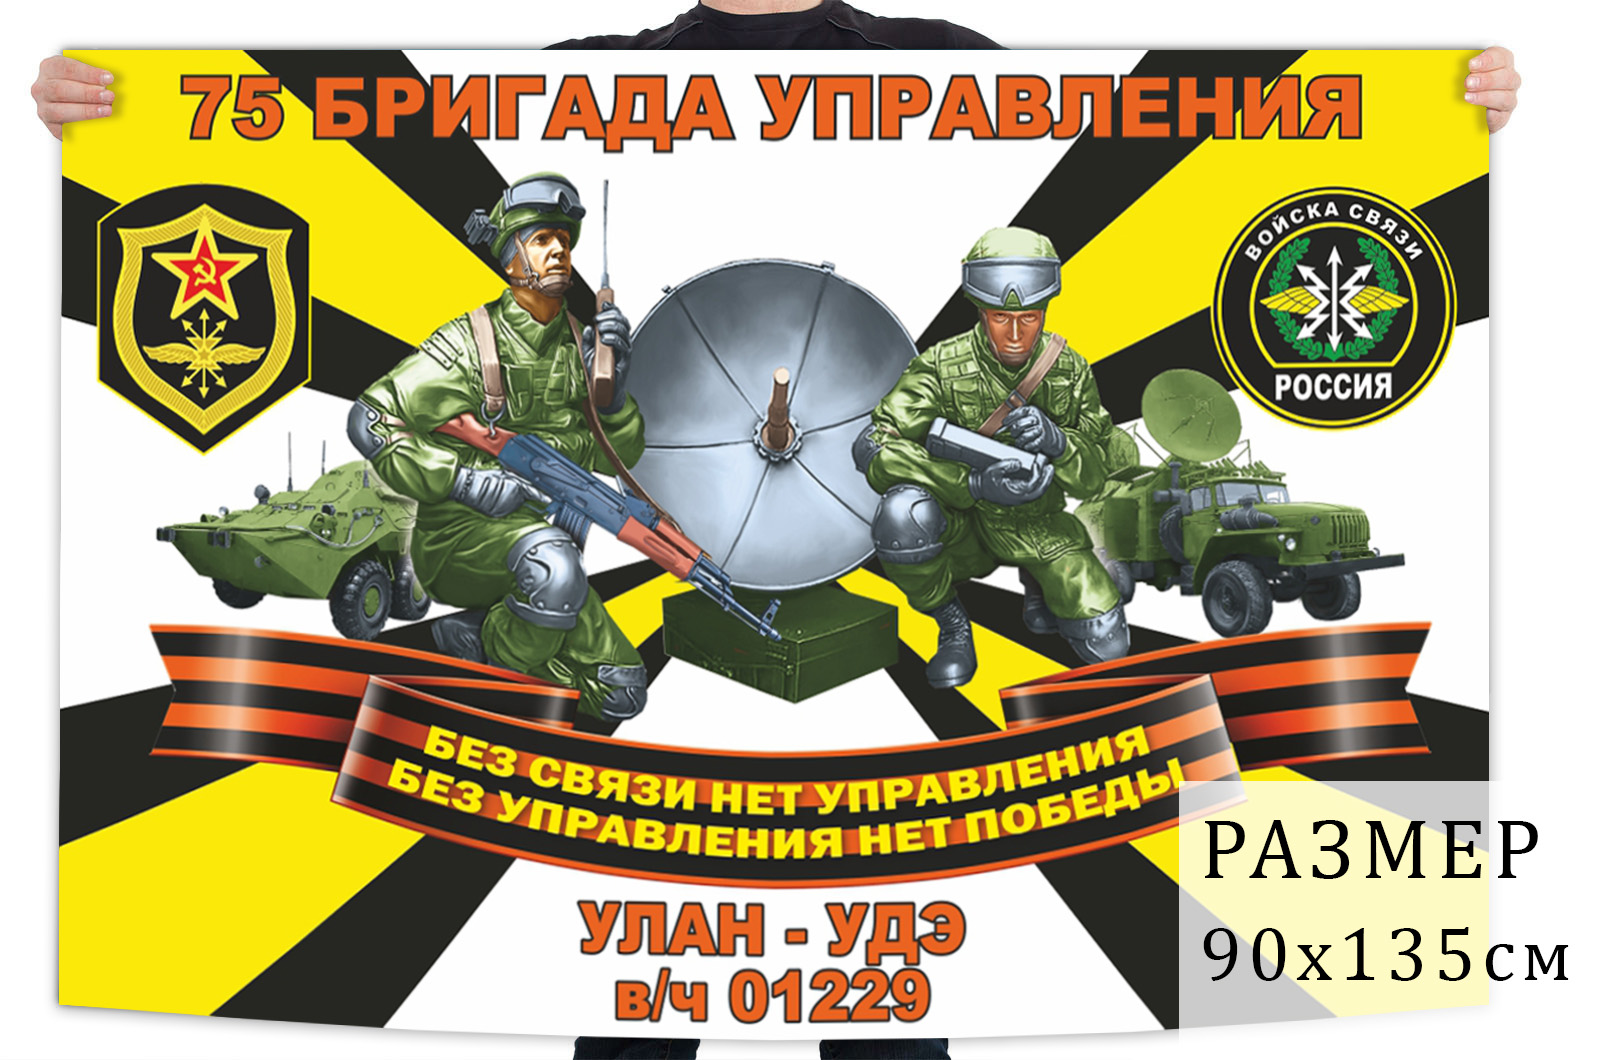 Флаг 75 бригады управления войск связи